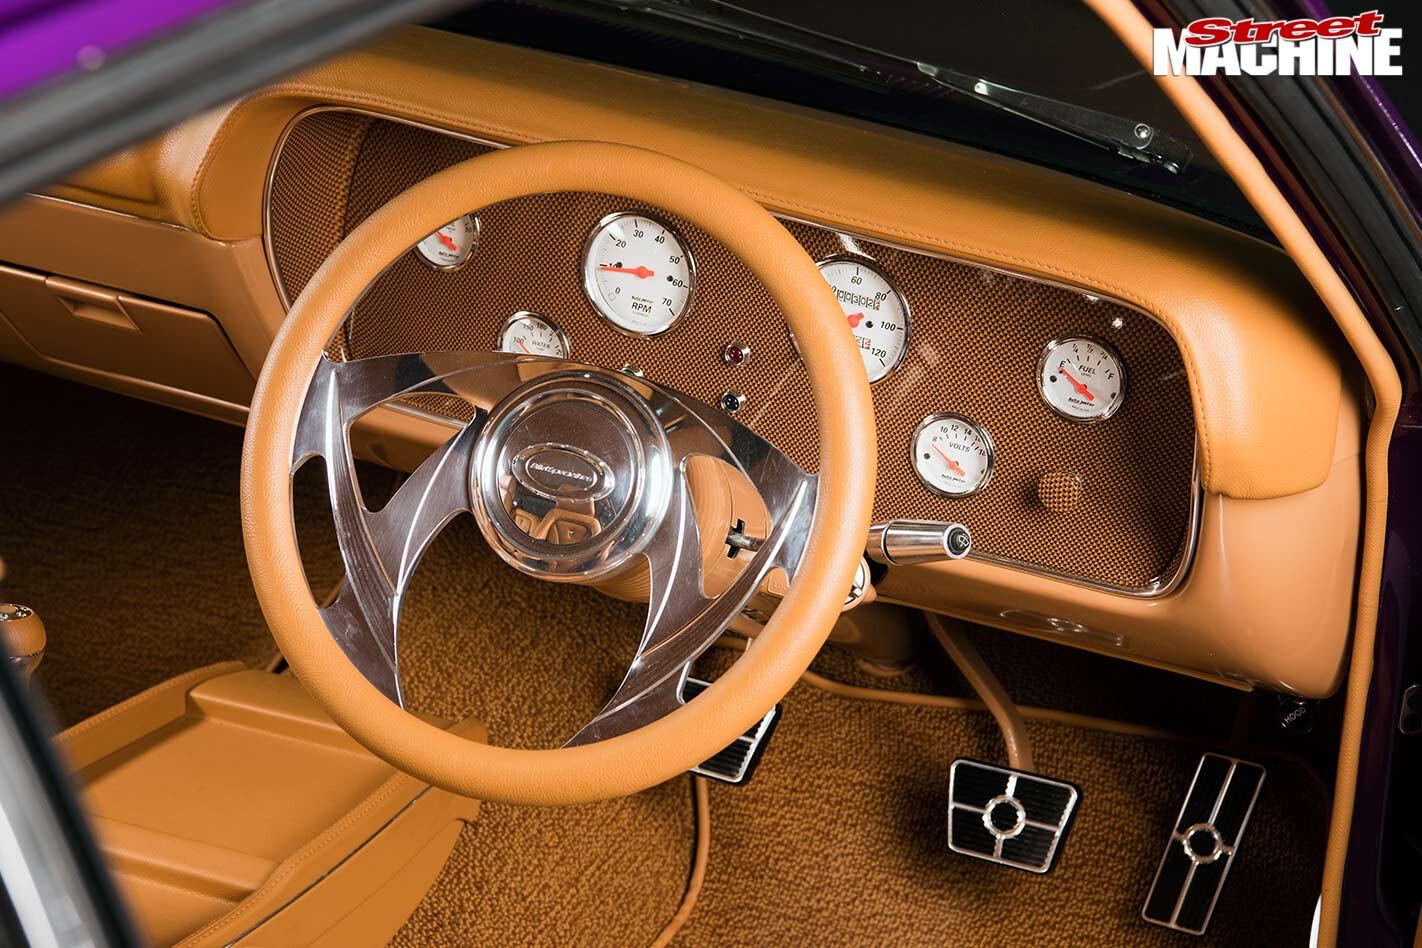 Chrysler VJ Charge dash